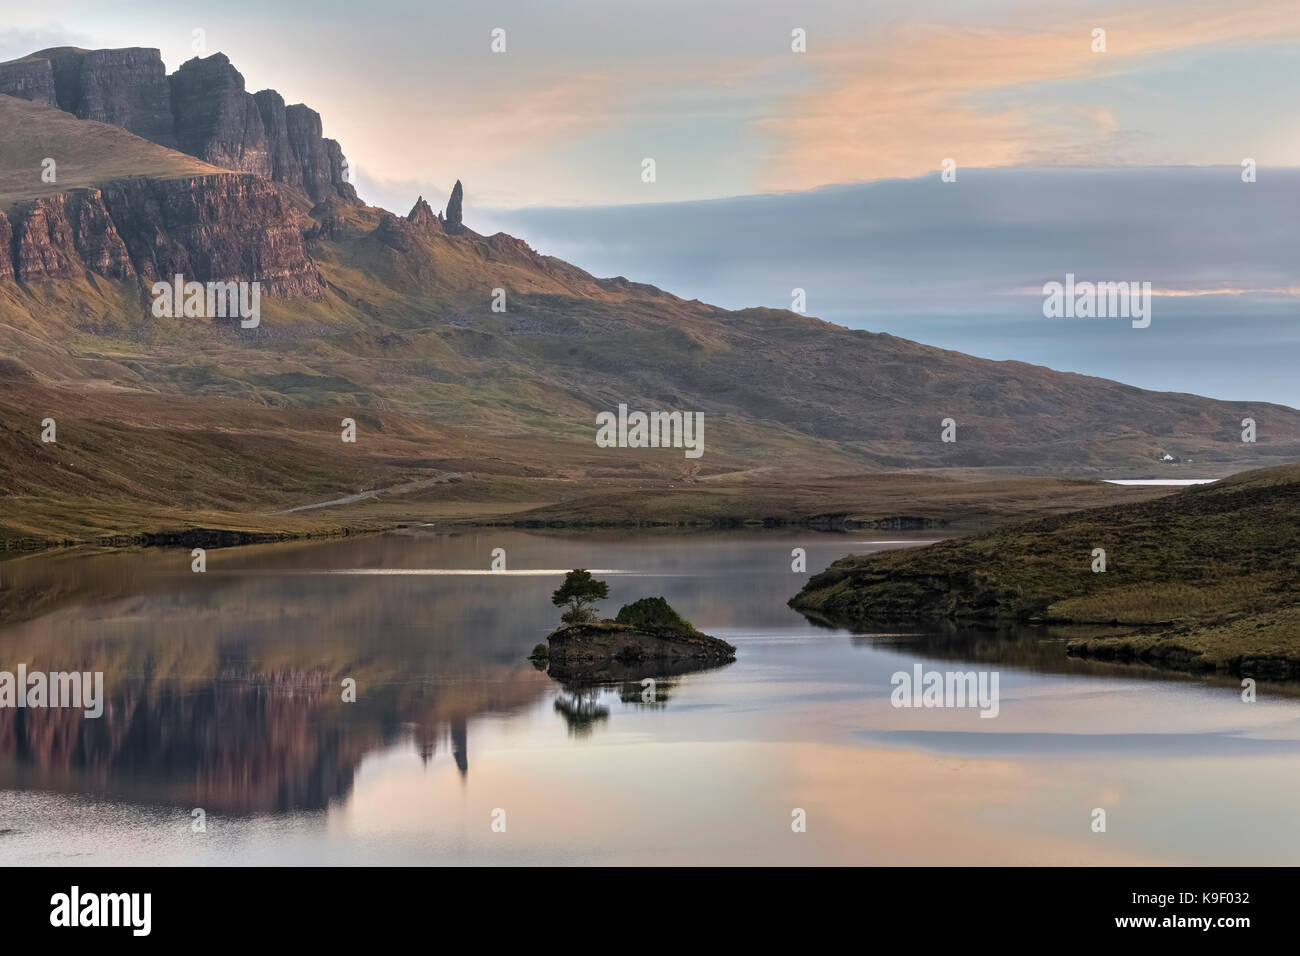 The Storr, Isle of Skye, Scotland, United Kingdom - Stock Image